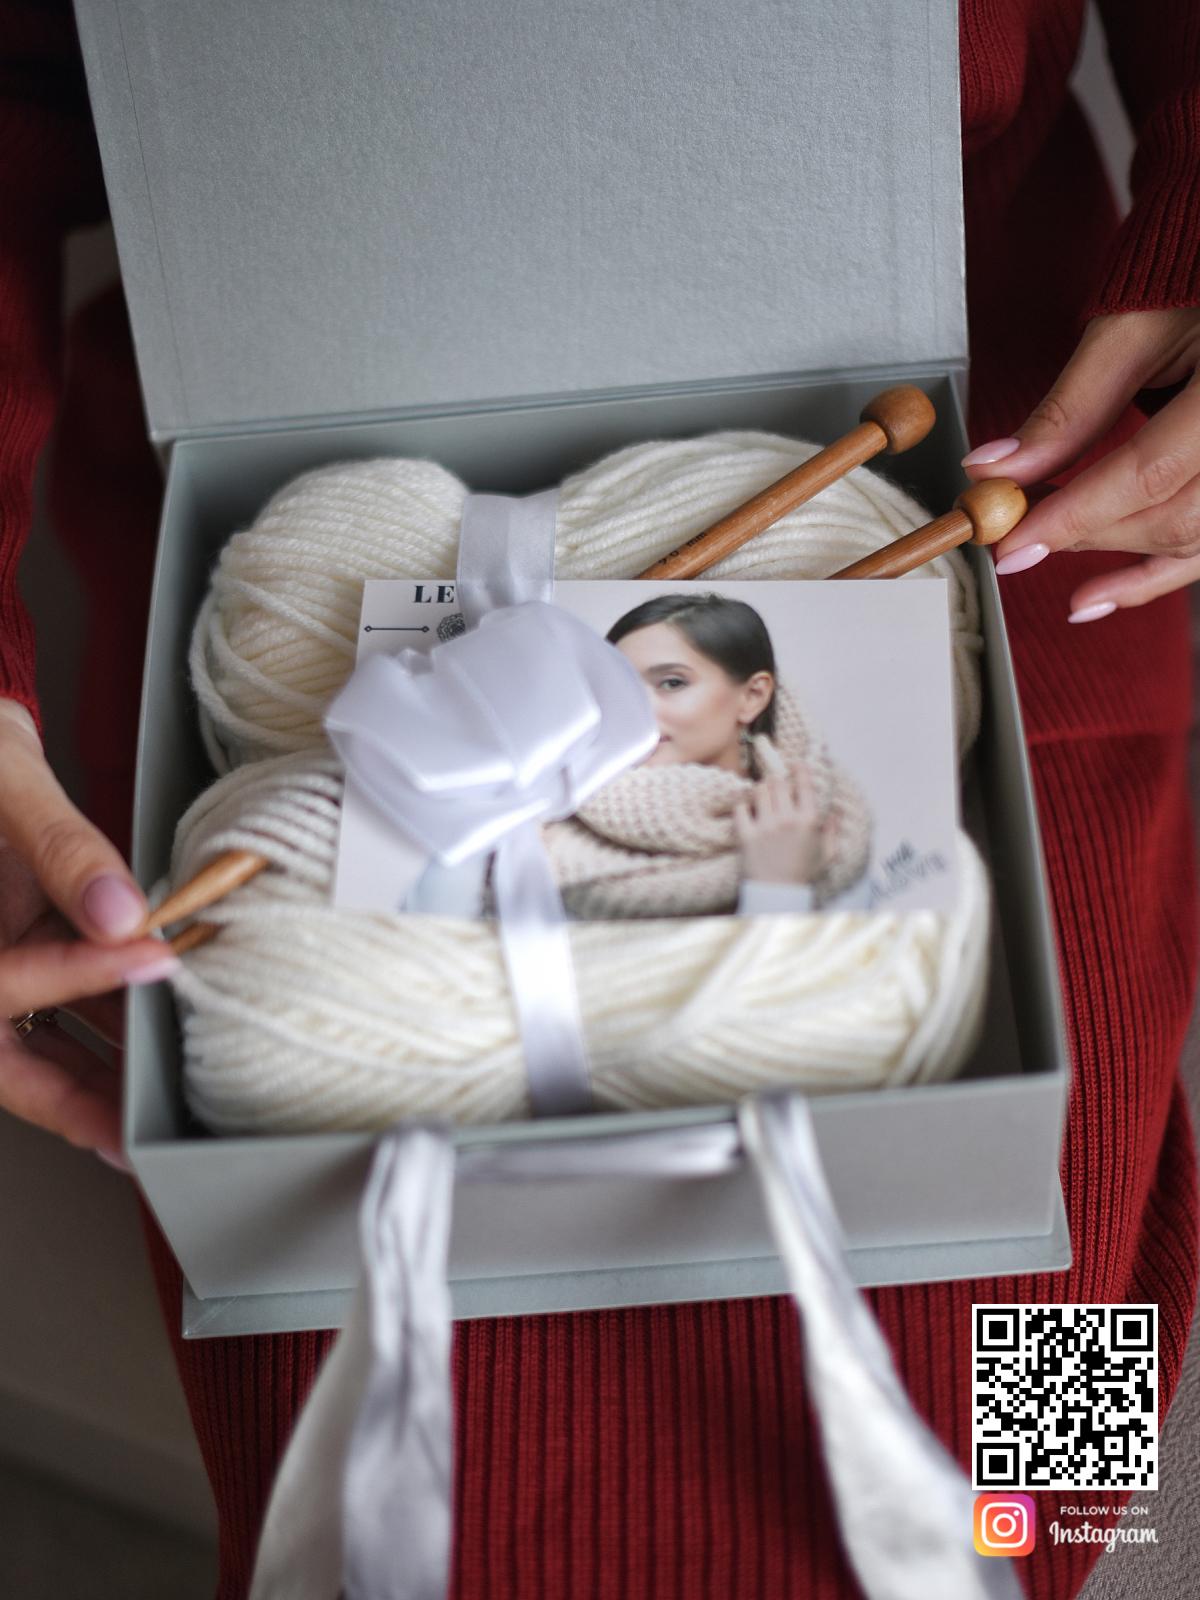 На второй фотографии показано из чего состоит подарочный набор для вязания бежевого шарфа в интернет-магазине Shapar, бренда трикотажа и связанной одежды ручной работы.